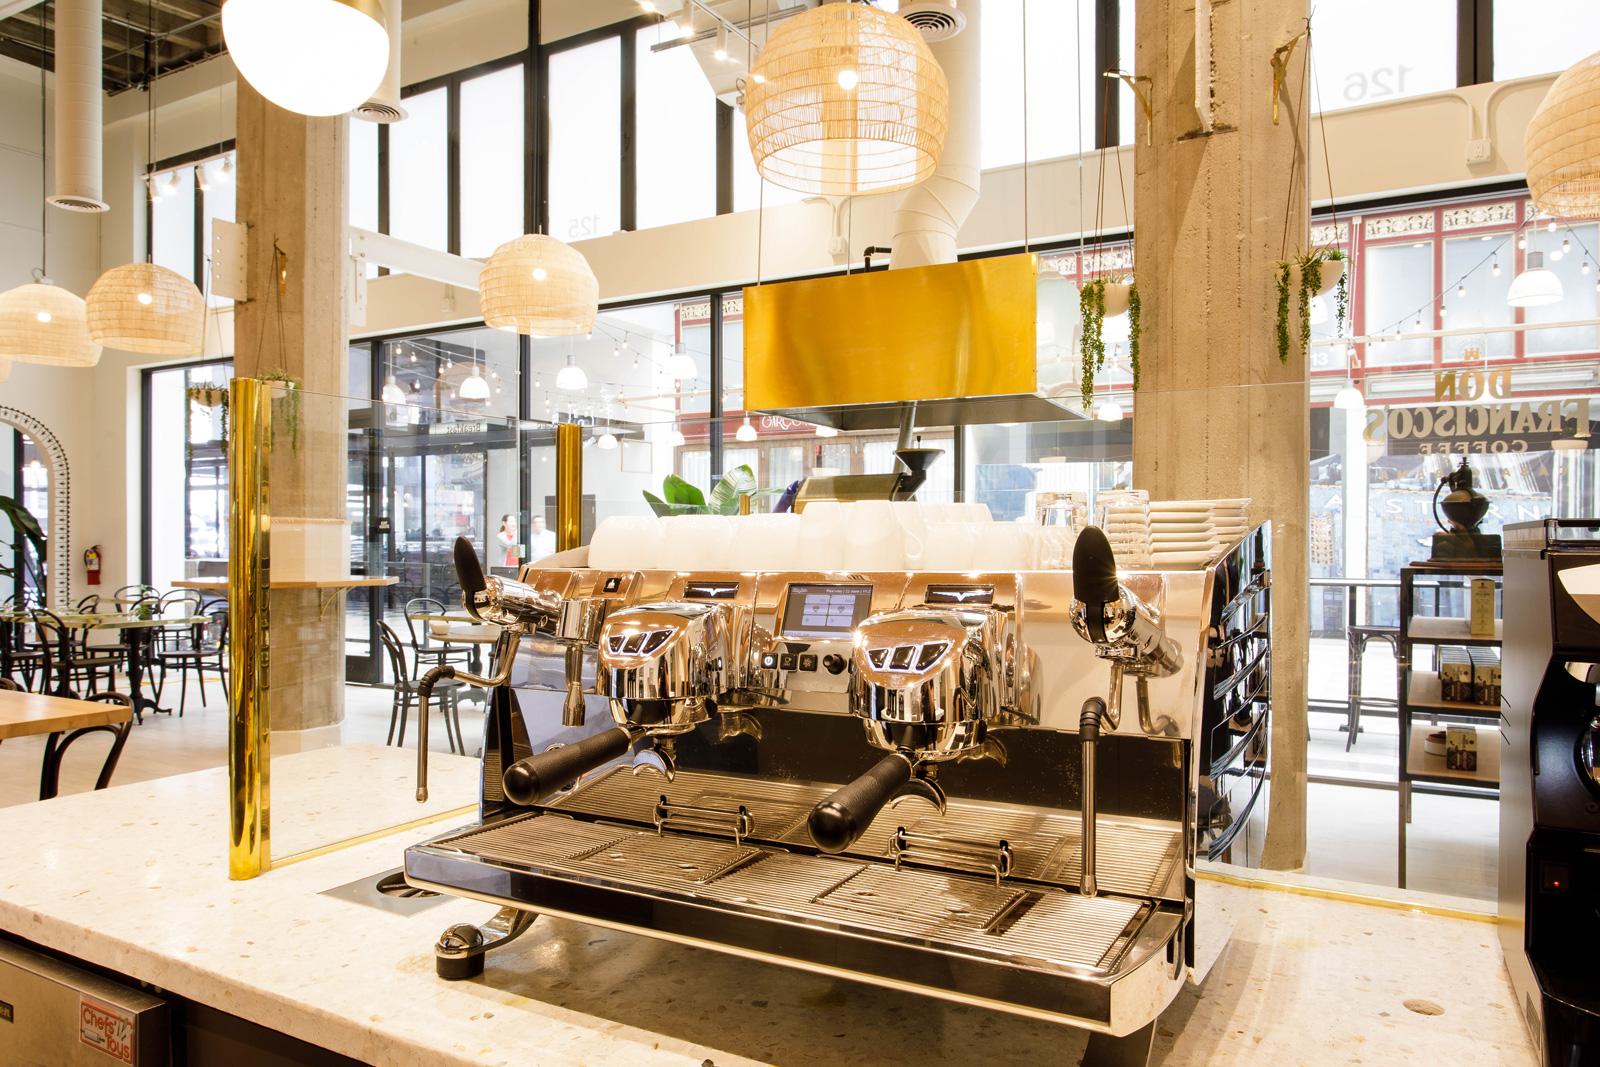 """La maison cubana de Don Francisco au centre-ville de Los Angeles """"width ="""" 1600 """"height ="""" 1067 """"/> </p> <p> Les cafés spéciaux à microlot seront rôtis en magasin sur Probat Probatino pour être vendus exclusivement à la Café, soit par la demi-livre en forme de haricots entiers, soit préparé par la tasse via Curtis Séraphins, broyé par un broyeur de laboratoire Ditting. </p> <p> <img data-attachment-id="""